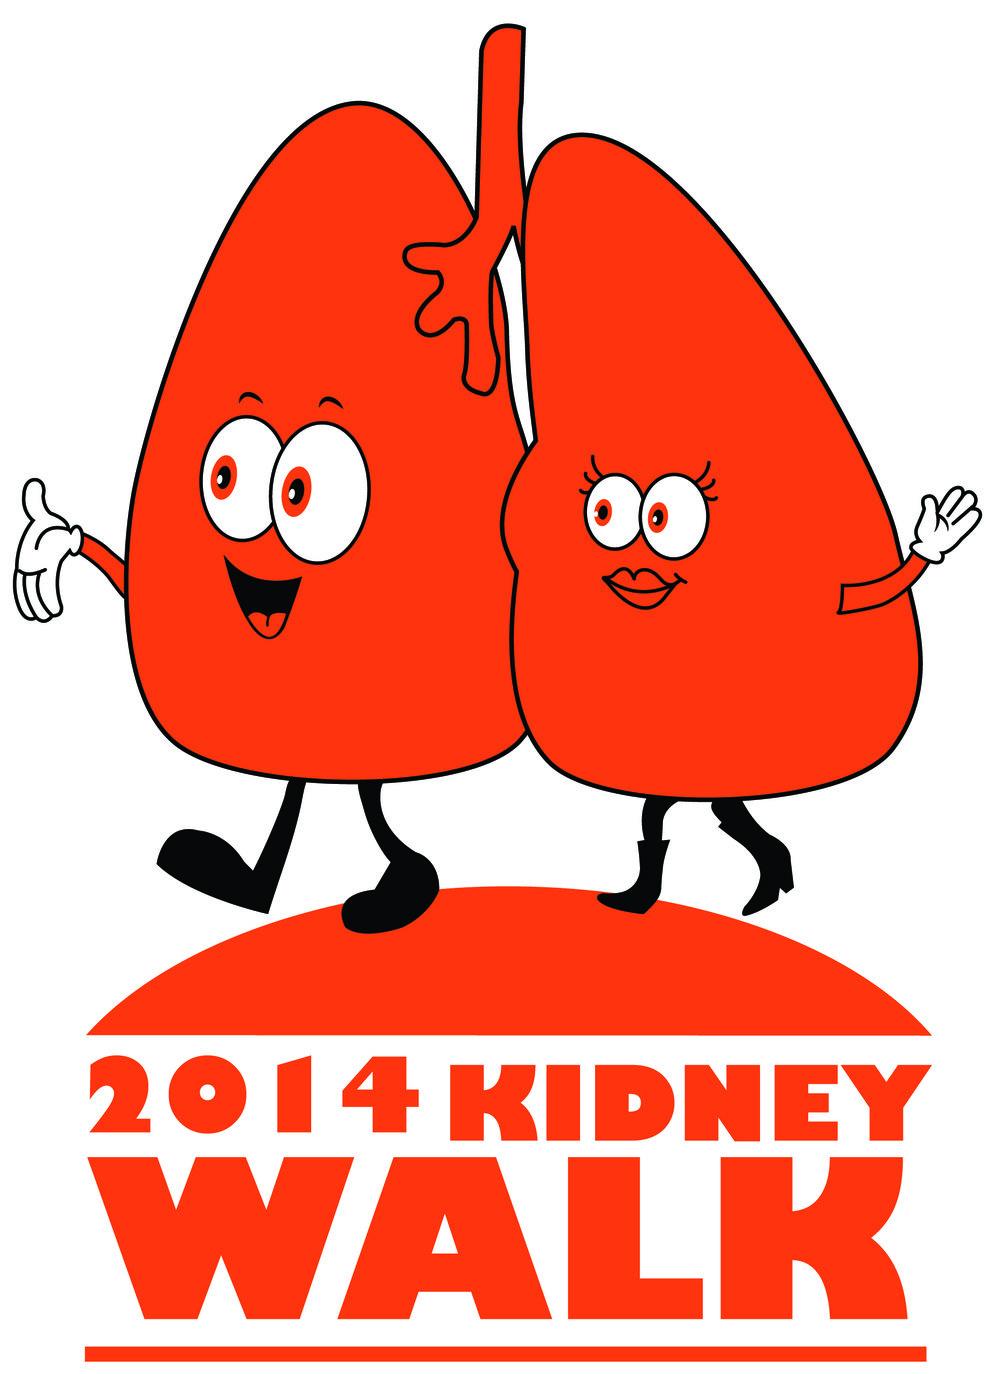 Kidney_walk_logo_final.jpg